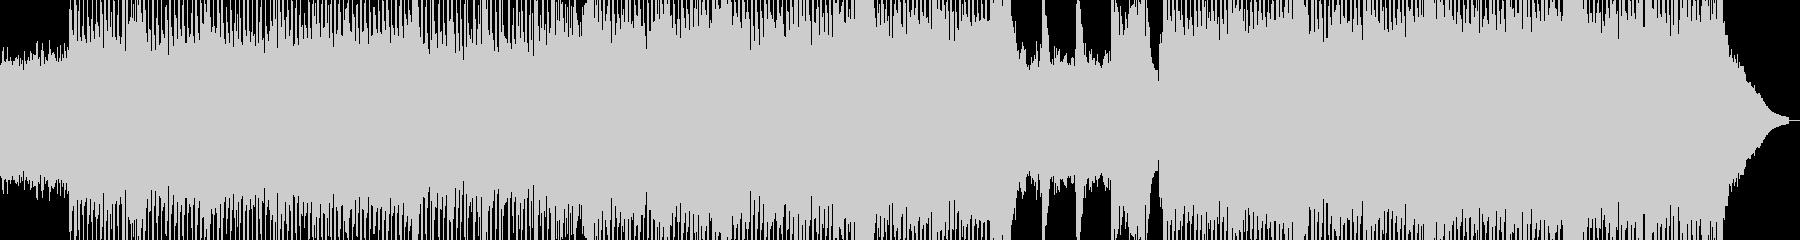 広大 始まりの雰囲気に適したBGM Cの未再生の波形